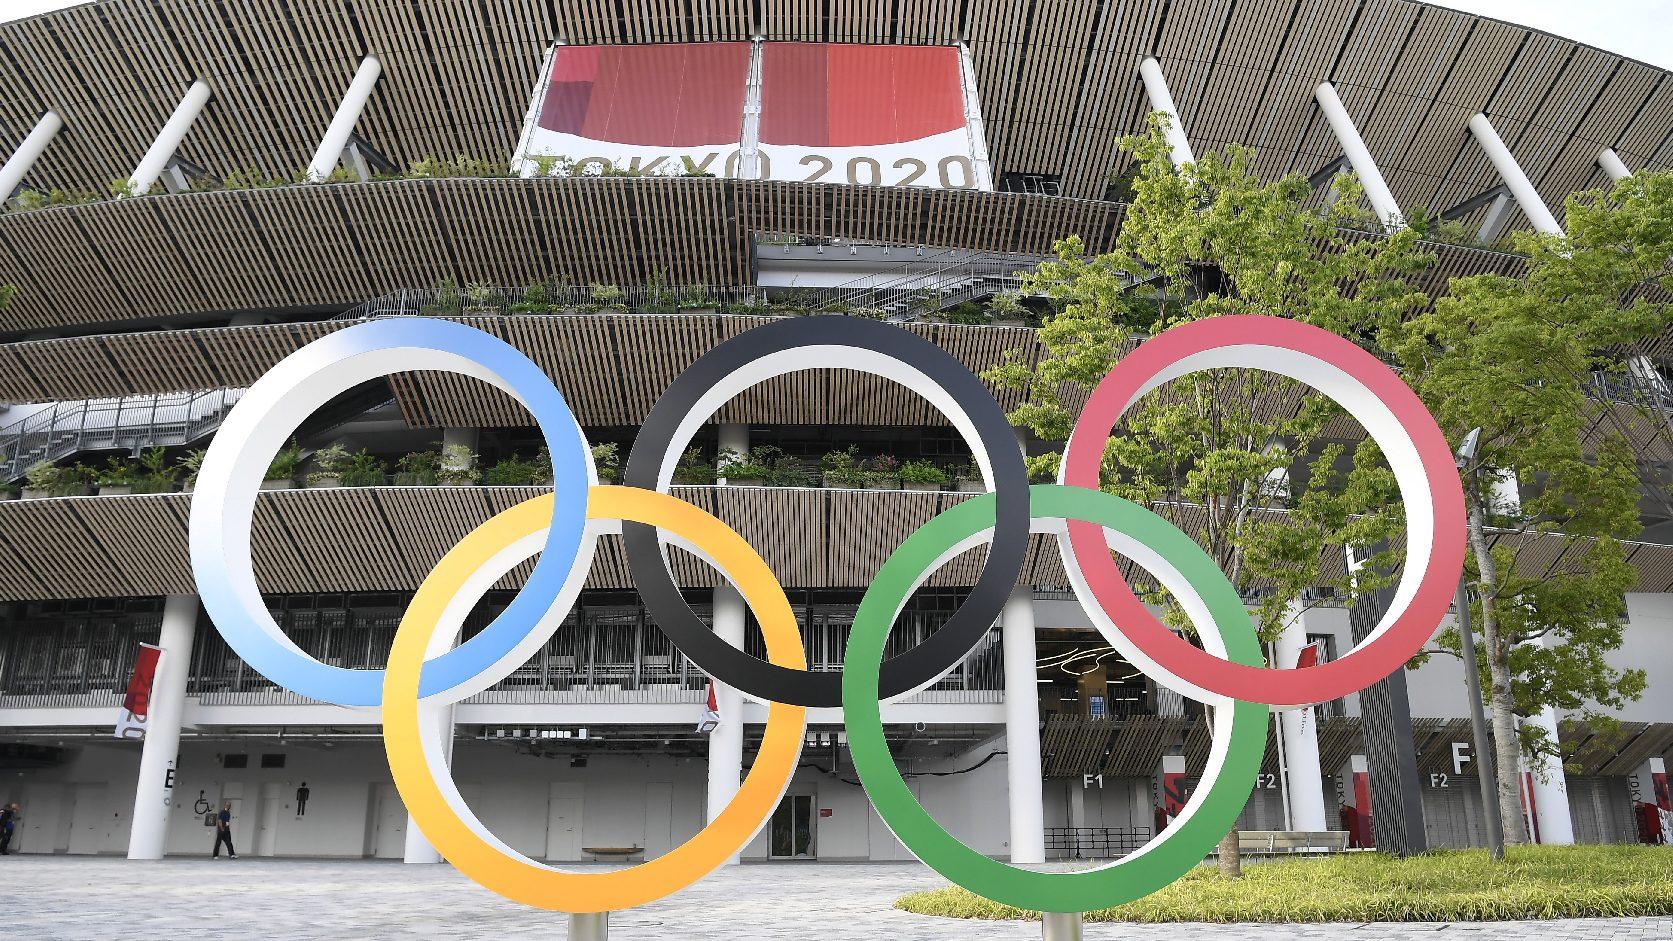 Röpült, mert a holokauszton viccelődött az Olimpia nyitóünnepség rendezője